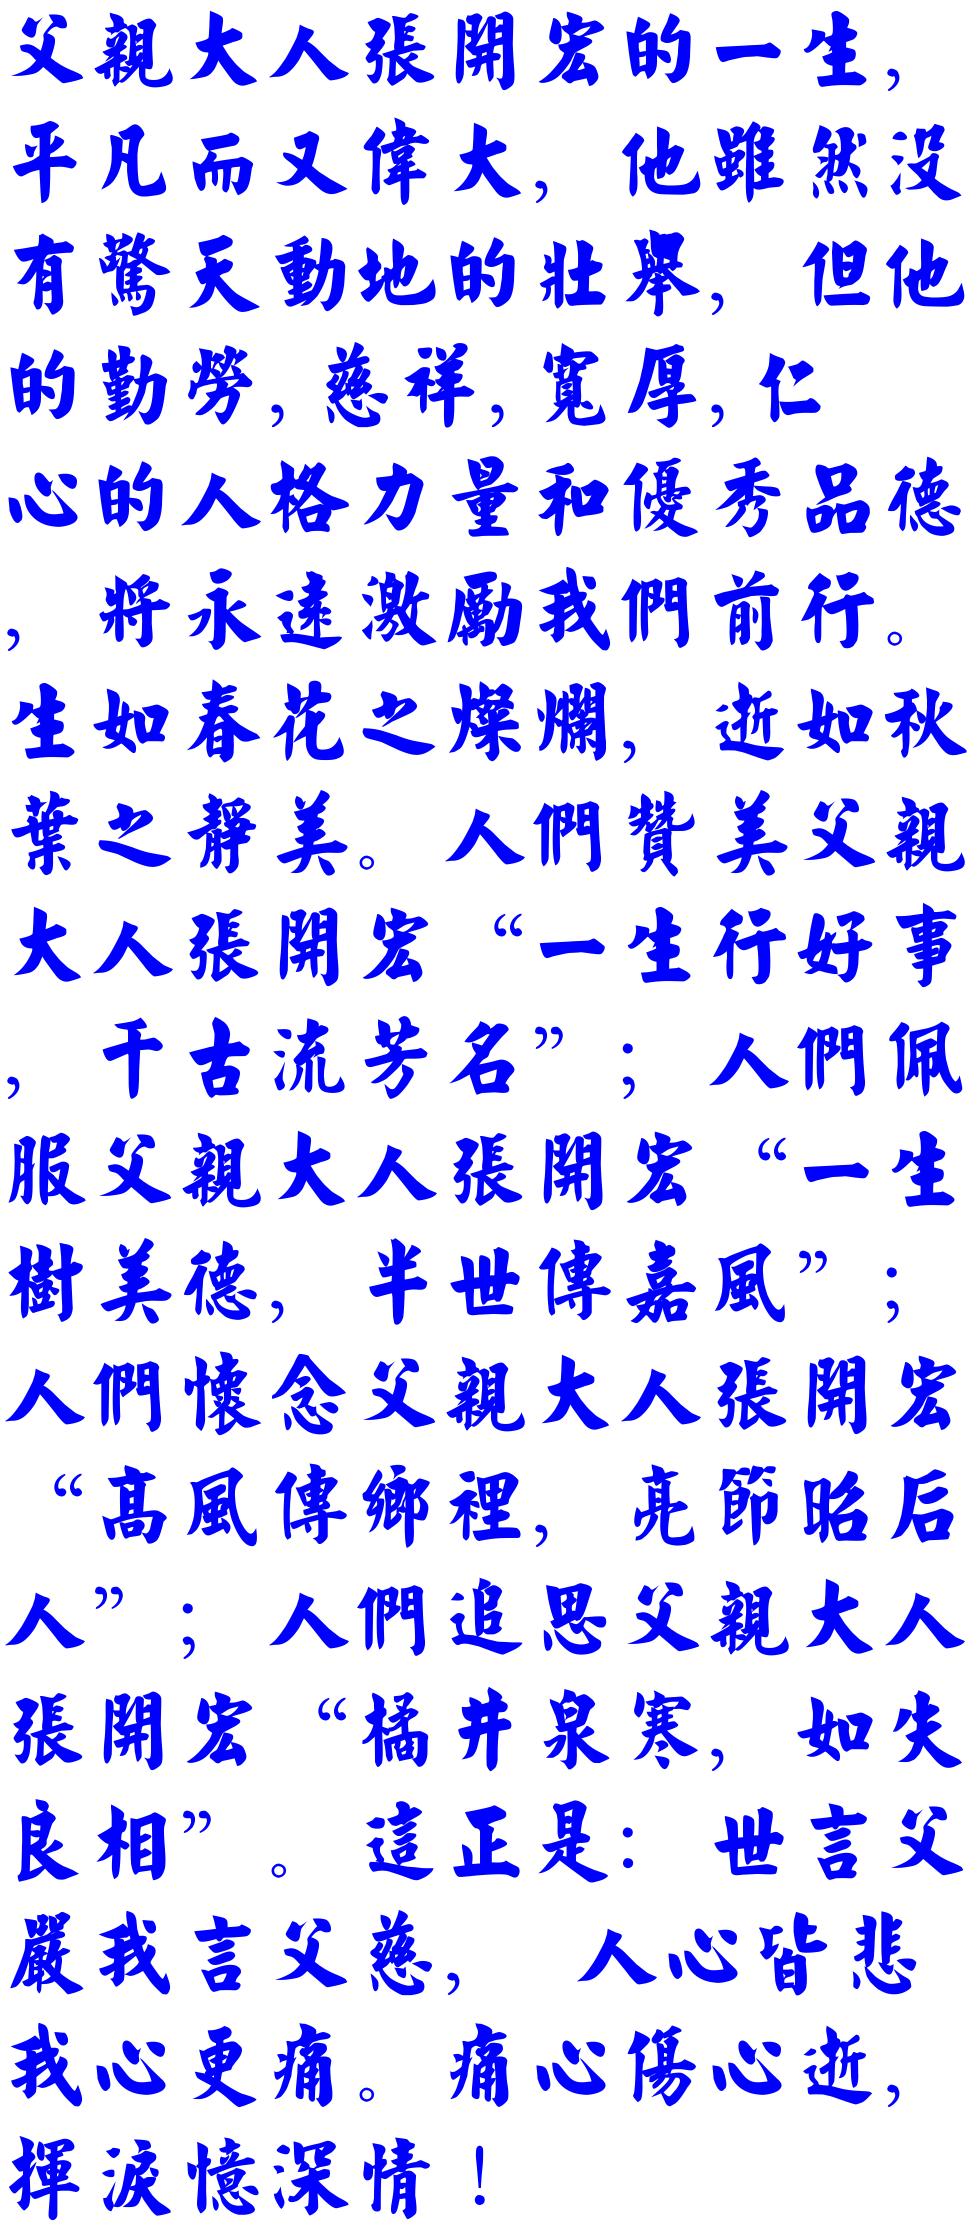 张开宏先生逝世一周年纪念 - 121师 - 121师